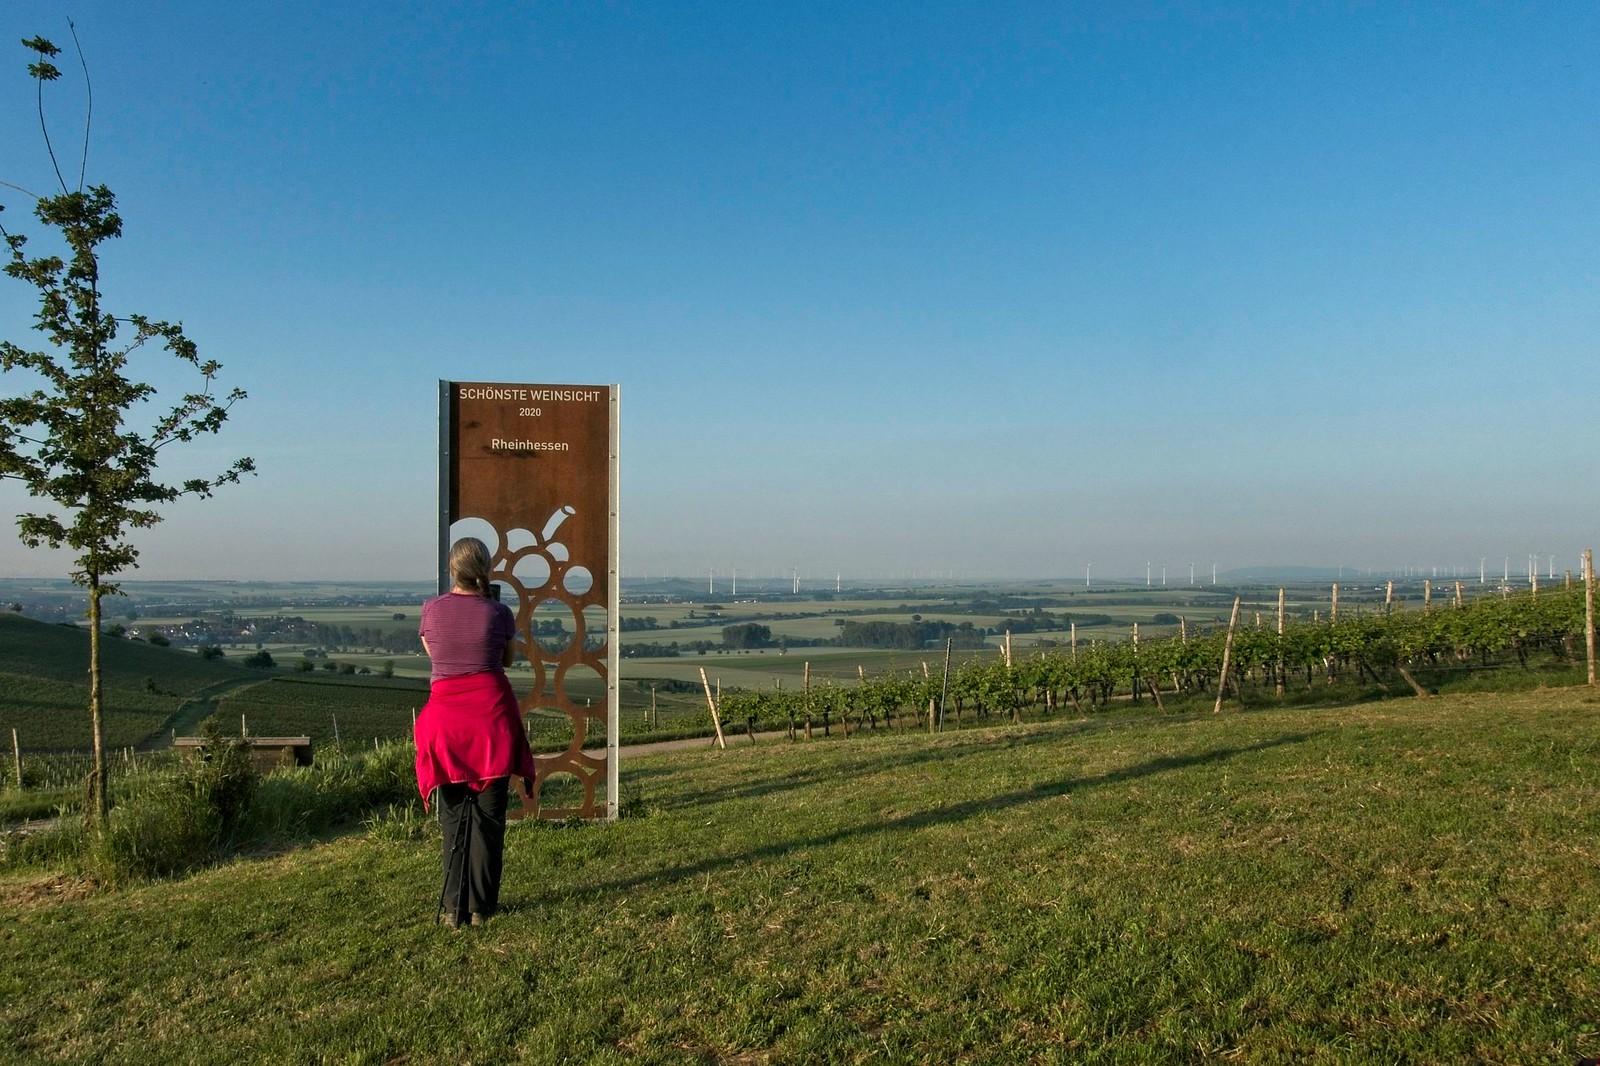 Schönste Weinsicht 2020 Rheinhessen - SunriseHike am Selzbogen in Rheinhessen